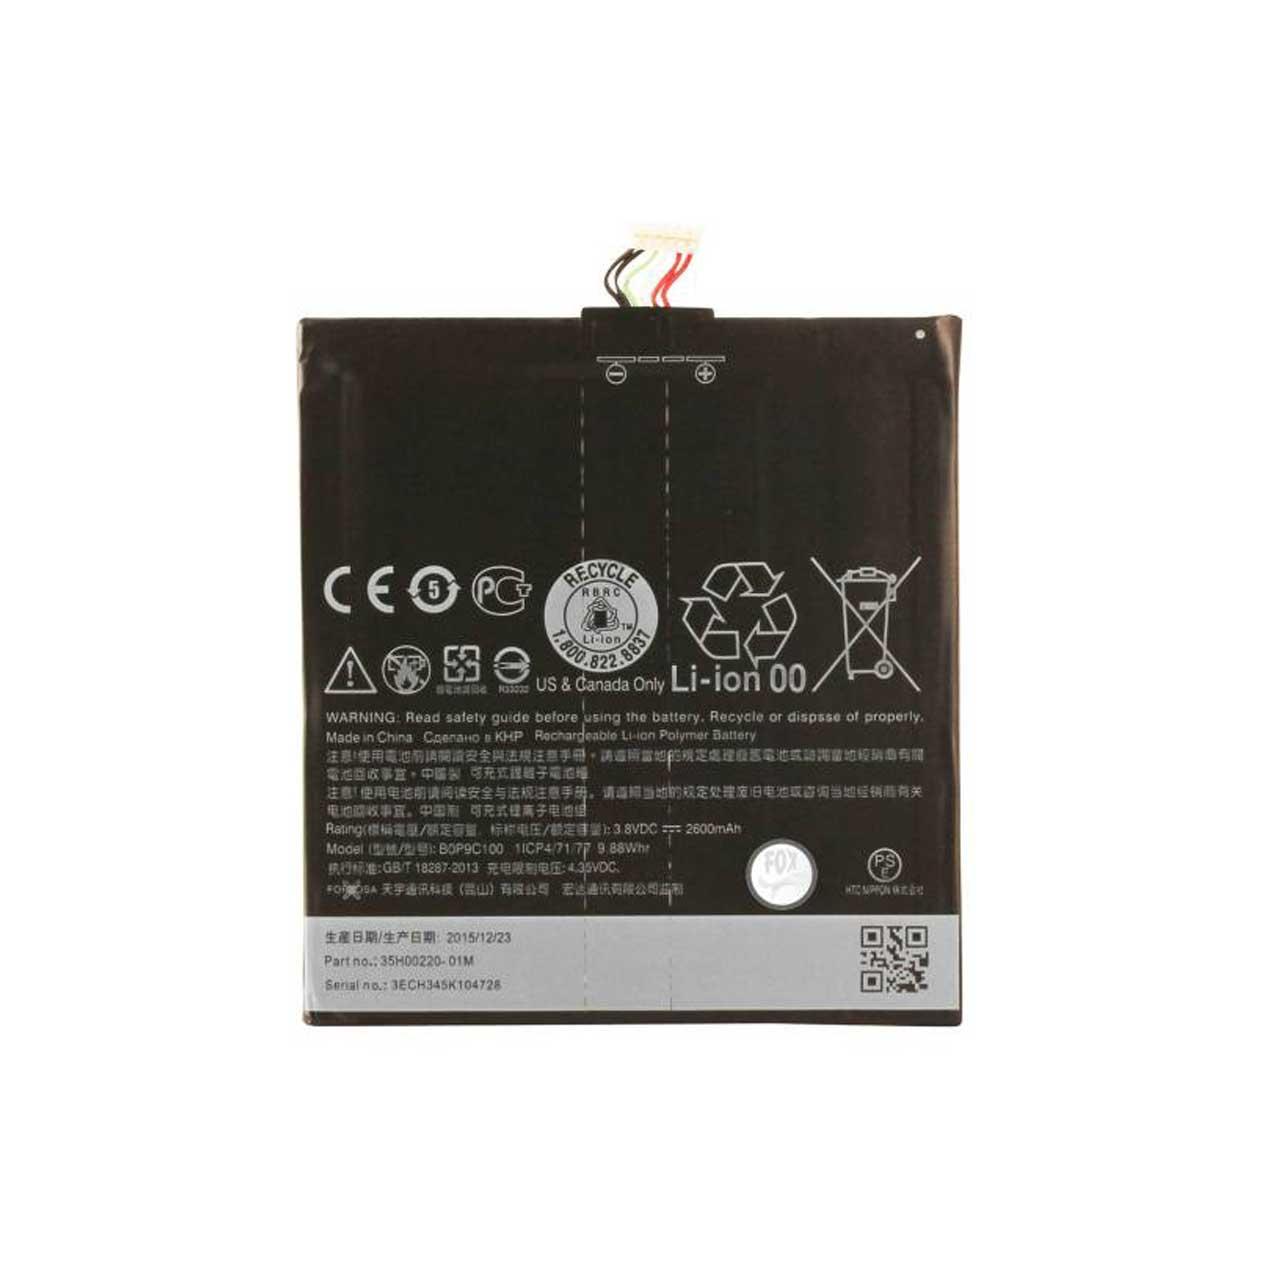 باتری موبایل مدل b0p9c100 ظرفیت 2600 میلی آمپر ساعت مناسب برای گوشی موبایل اچ تی سی Desire 816G